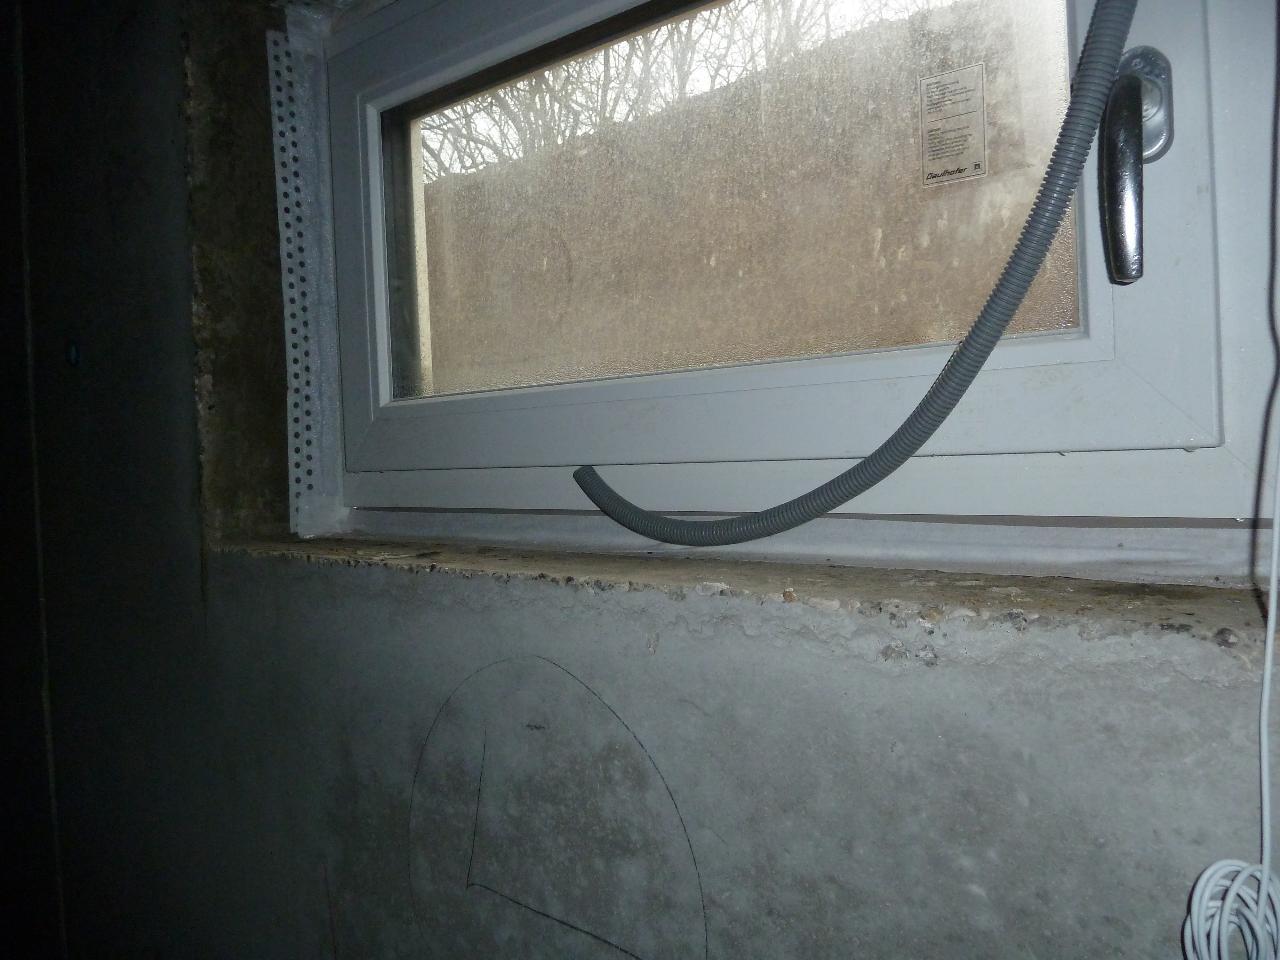 Turbo Welche Kellerfenster bzw. Lichtschächte | Fensterforum auf NZ72